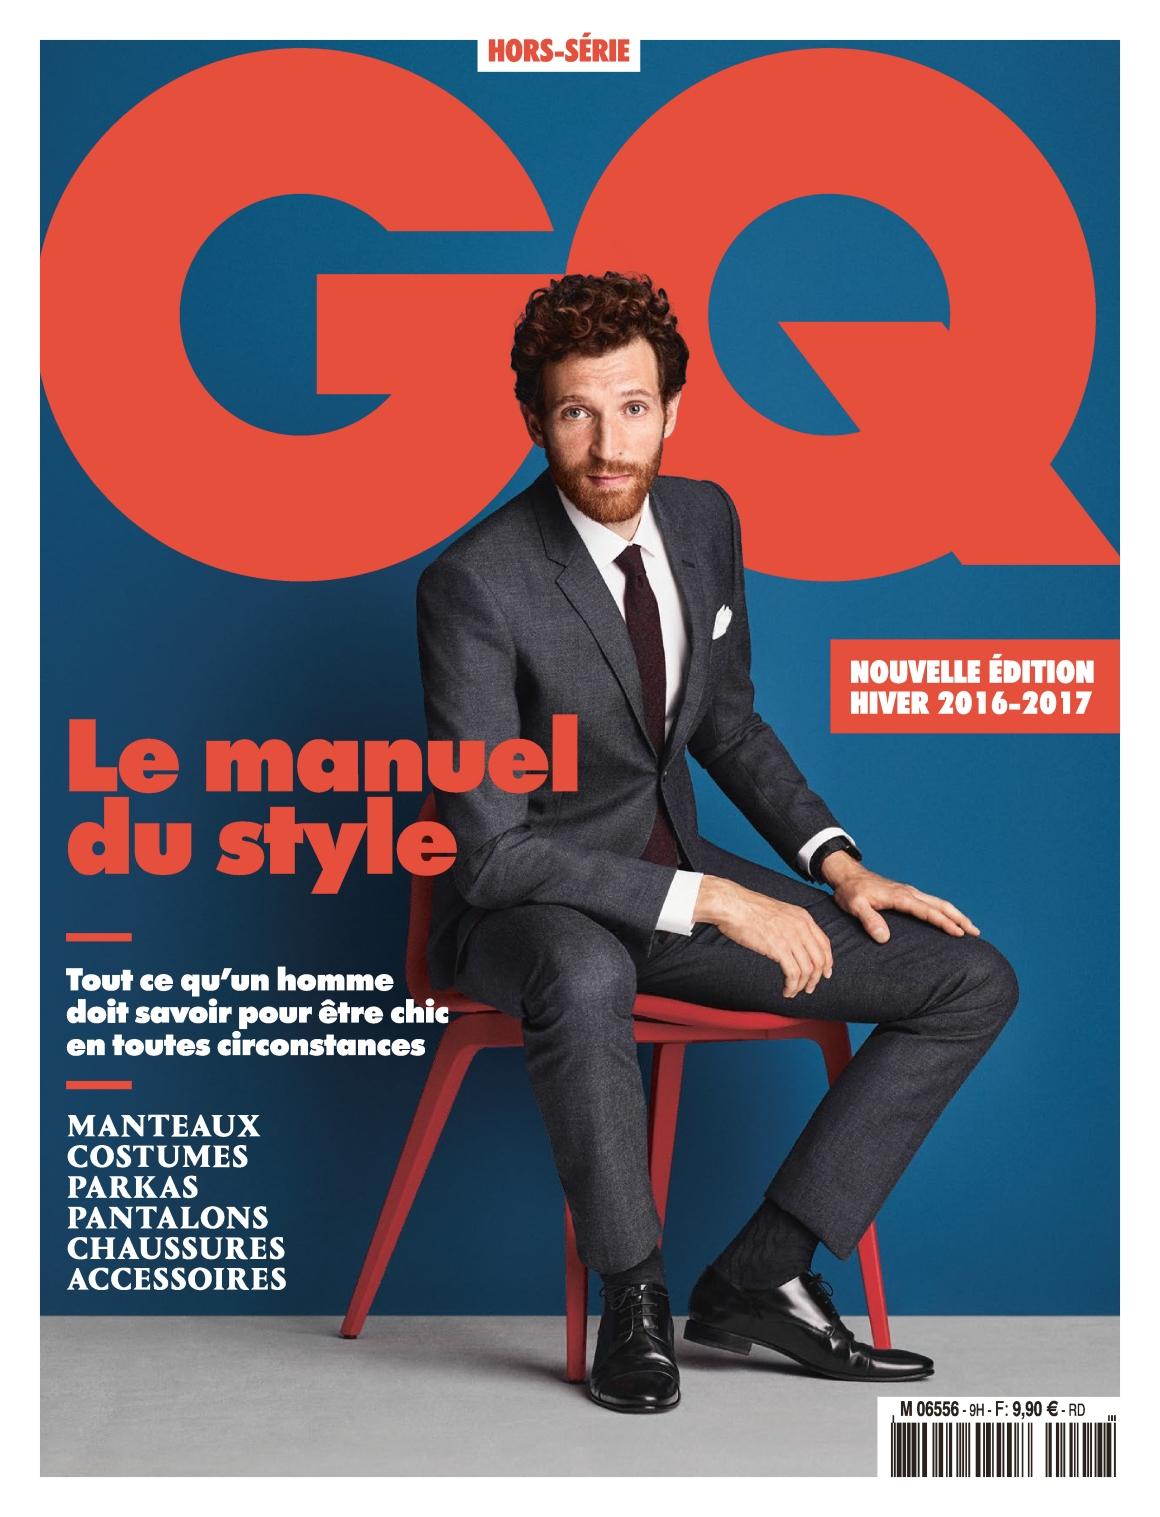 GQ L'Essentiel du Style HS 9 - Hiver 2016-2017